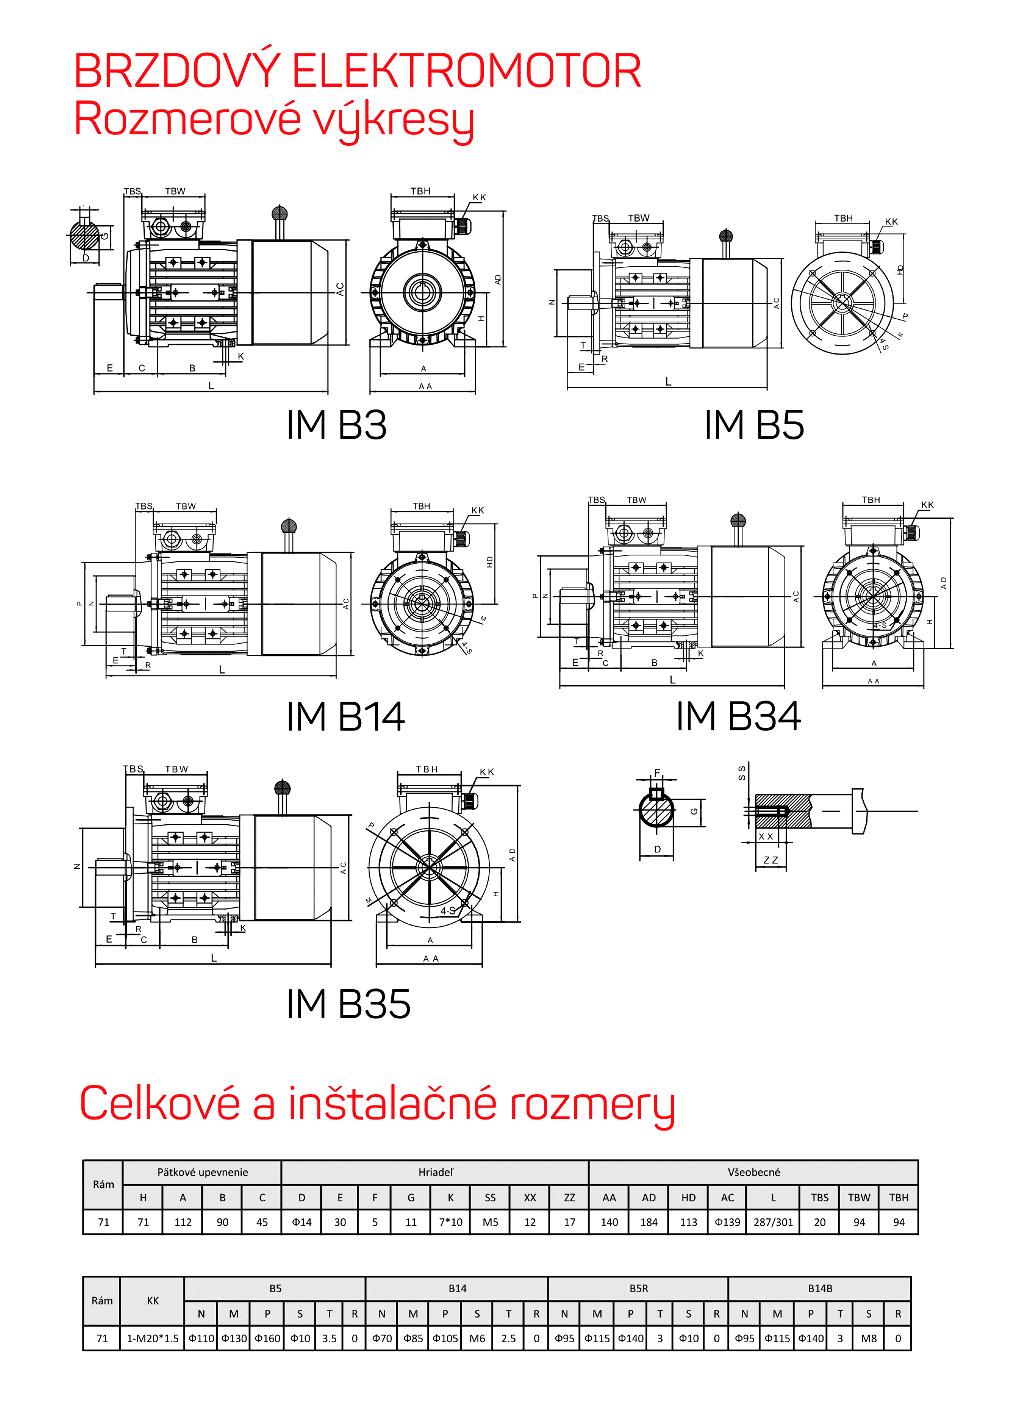 brzdové elektromotory rozměrový výkres 71